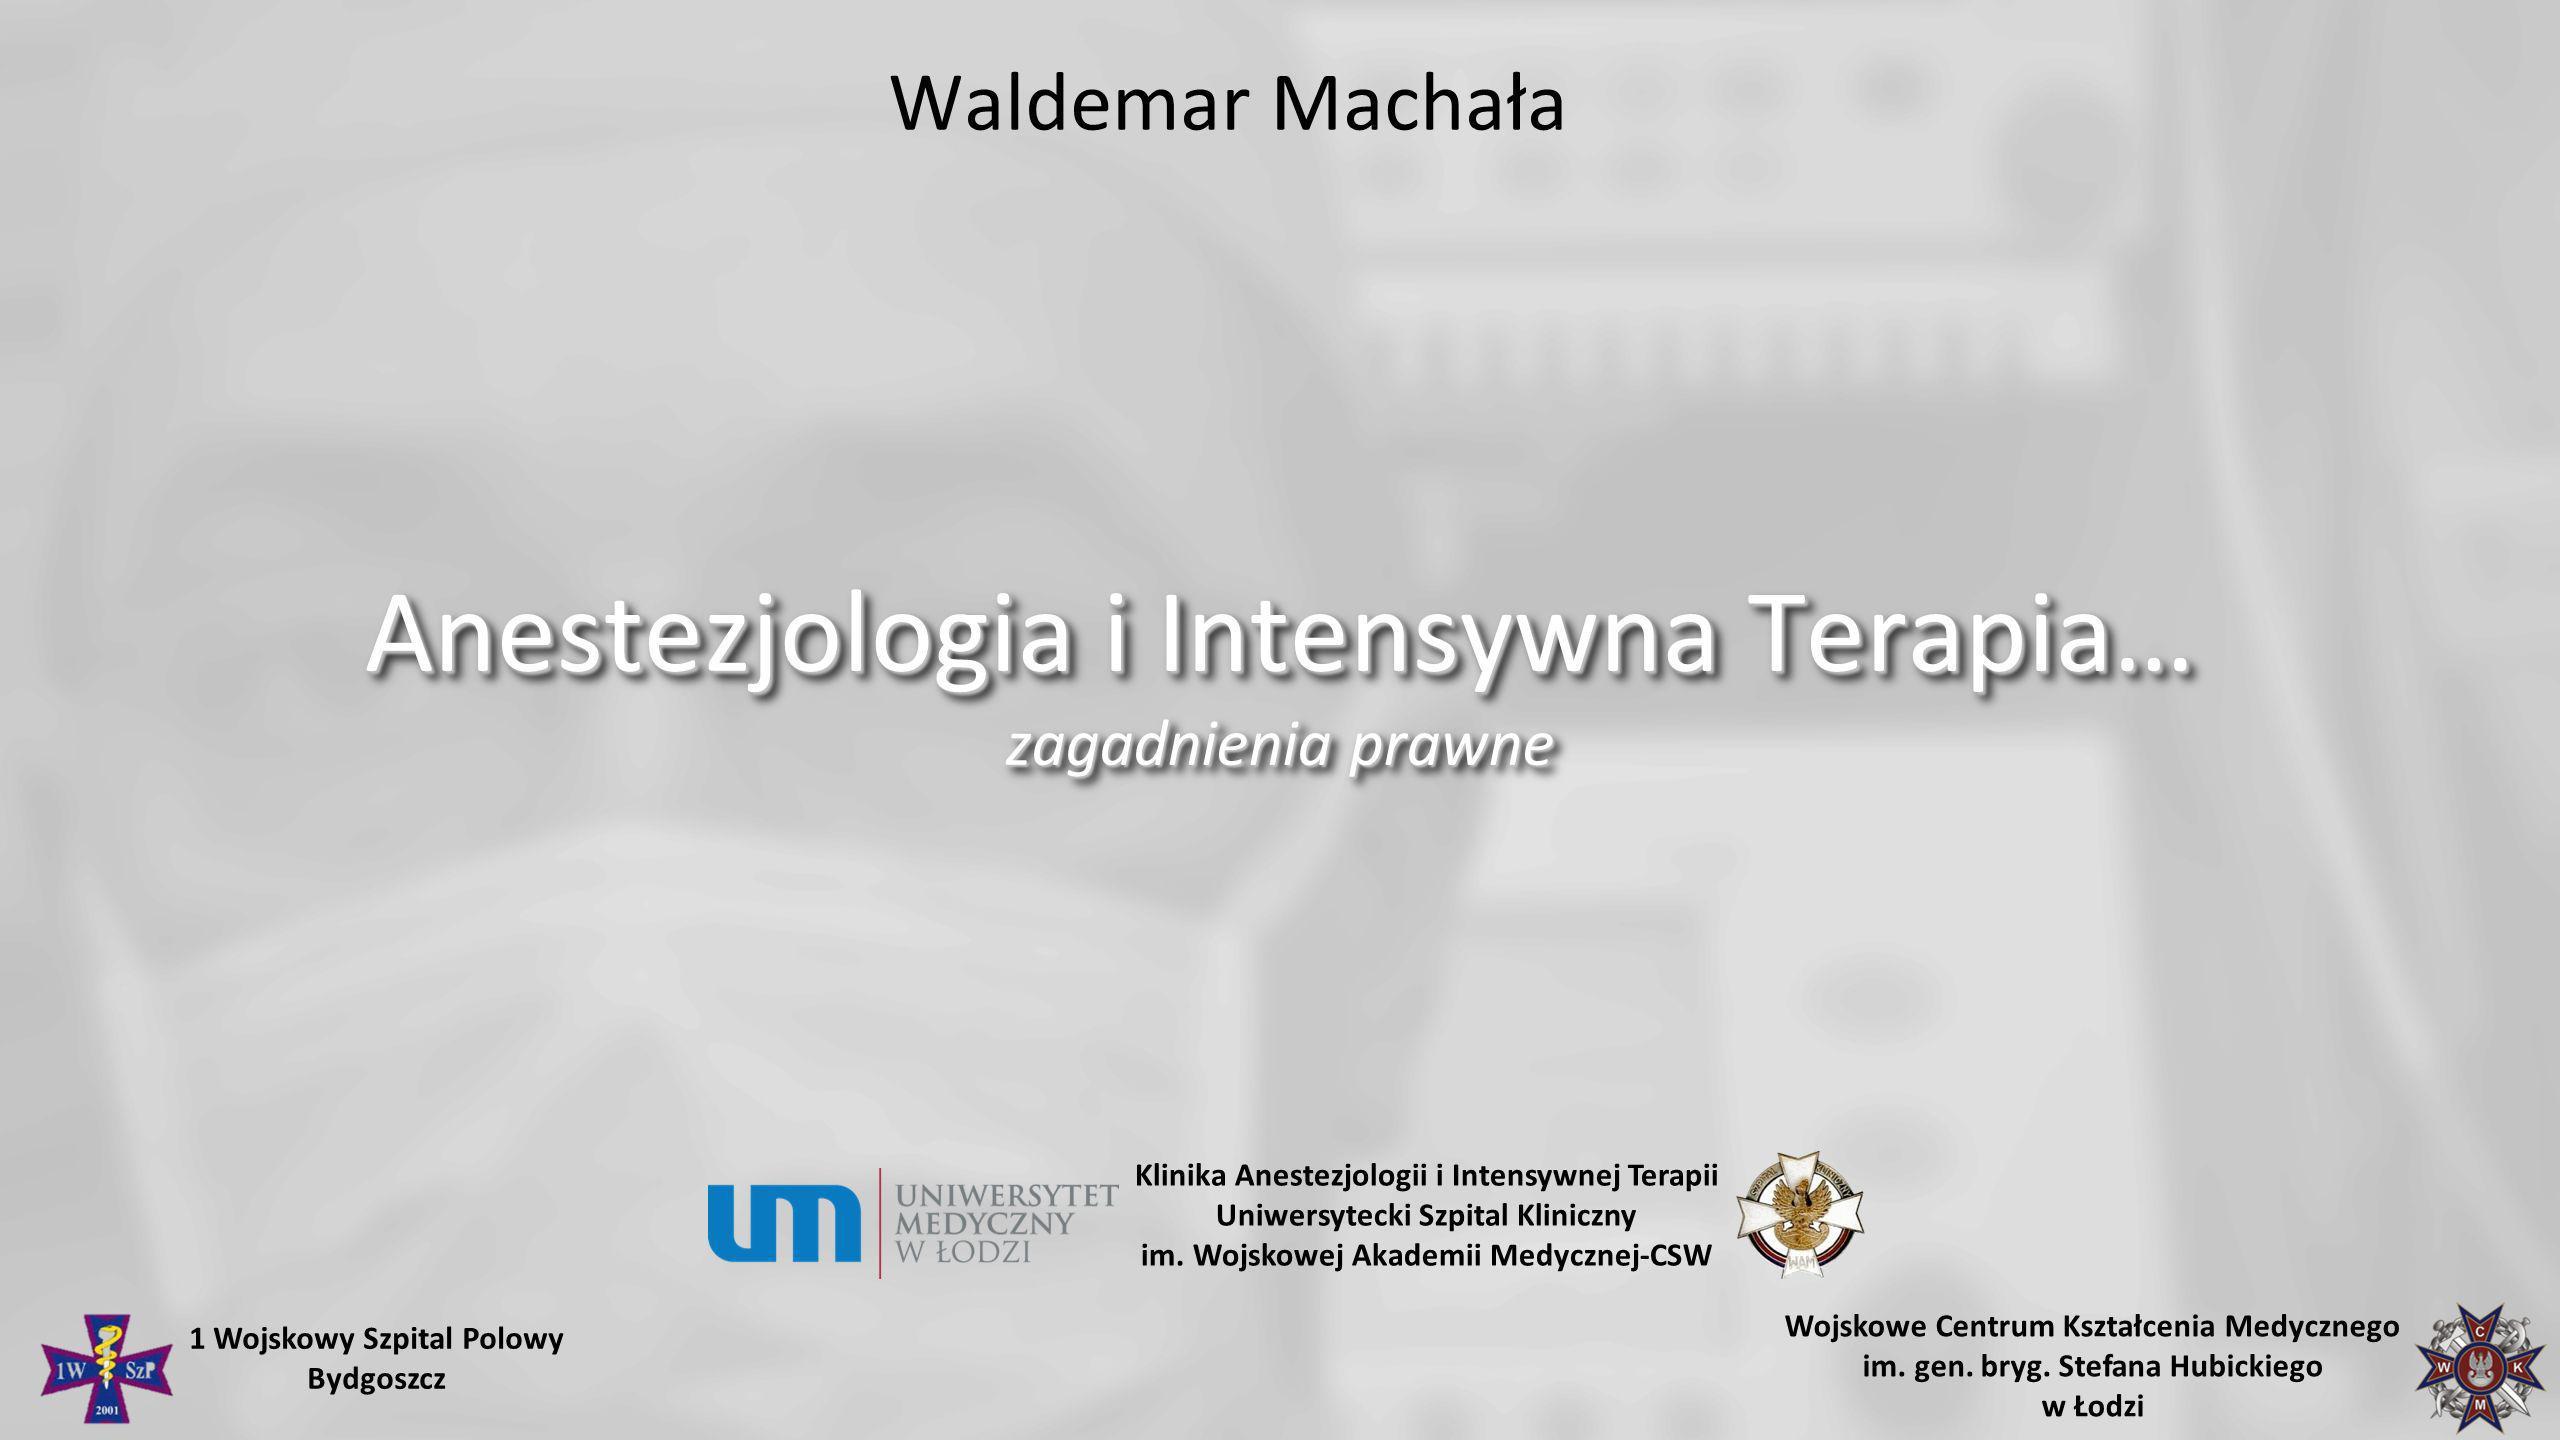 Waldemar Machała Anestezjologia i Intensywna Terapia… zagadnienia prawne Klinika Anestezjologii i Intensywnej Terapii Uniwersytecki Szpital Kliniczny